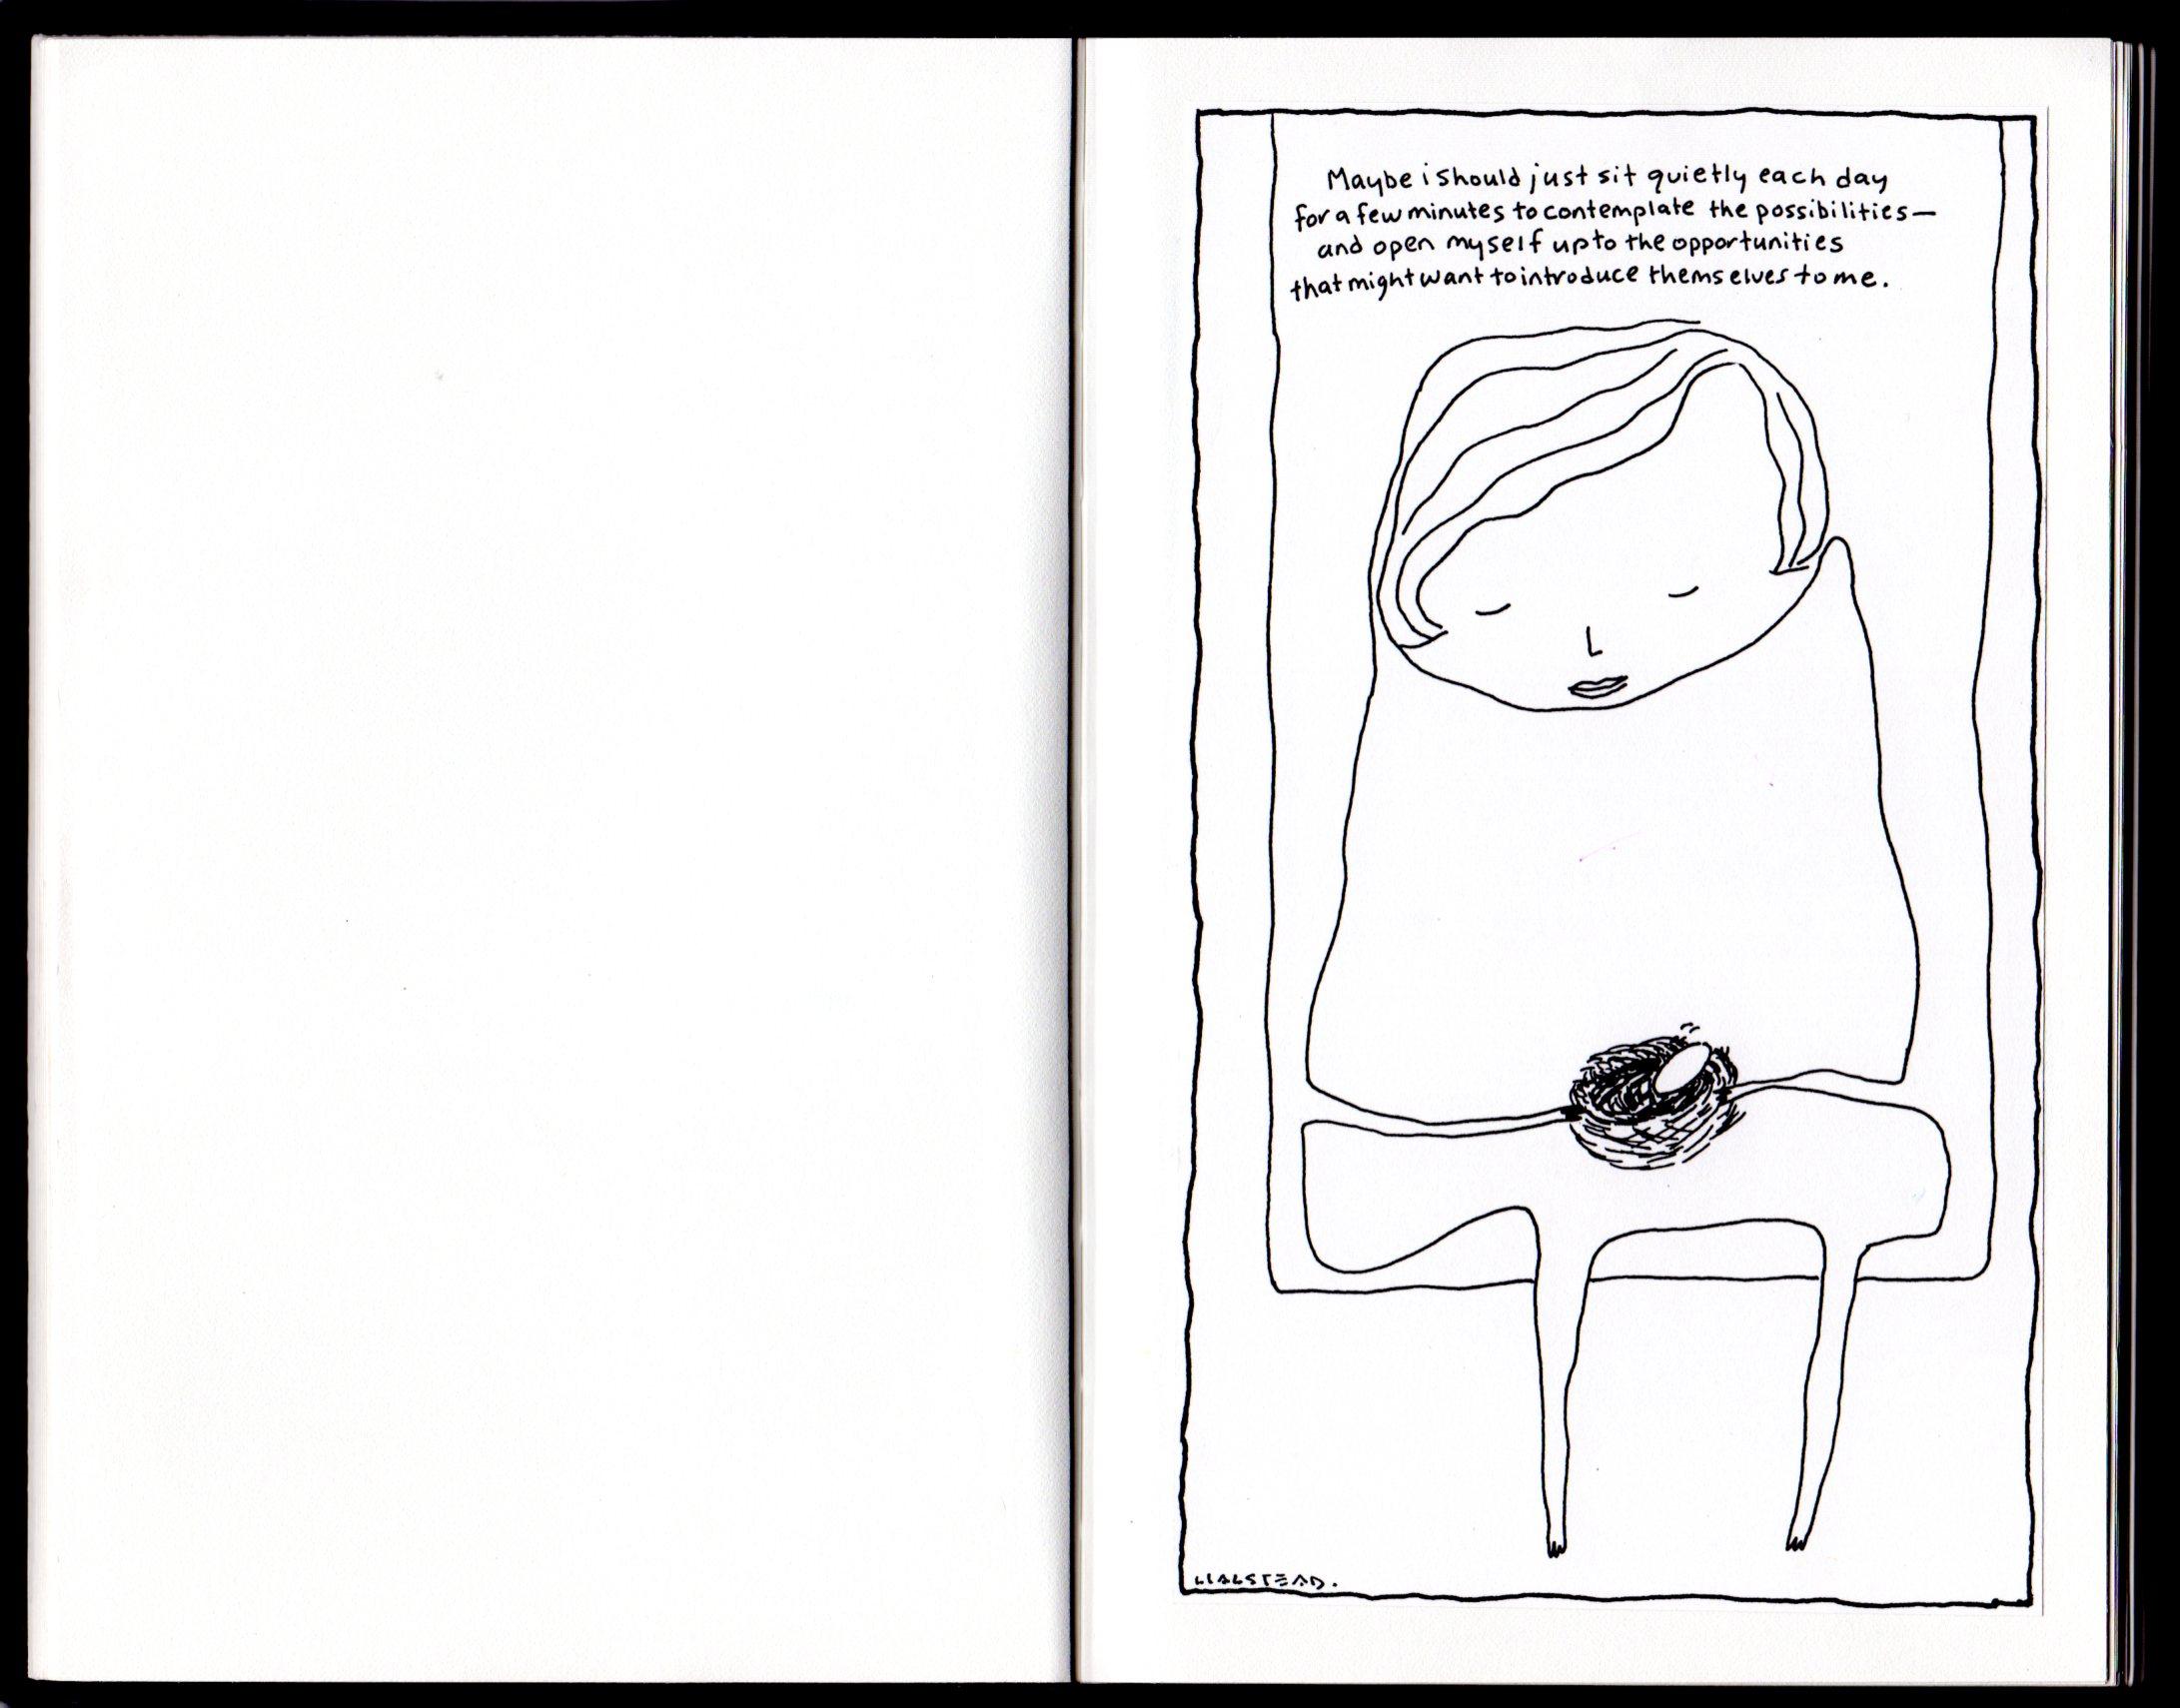 virginiahalstead.com/Blog/Sketchbook-drawing-sit-quietly.jpg